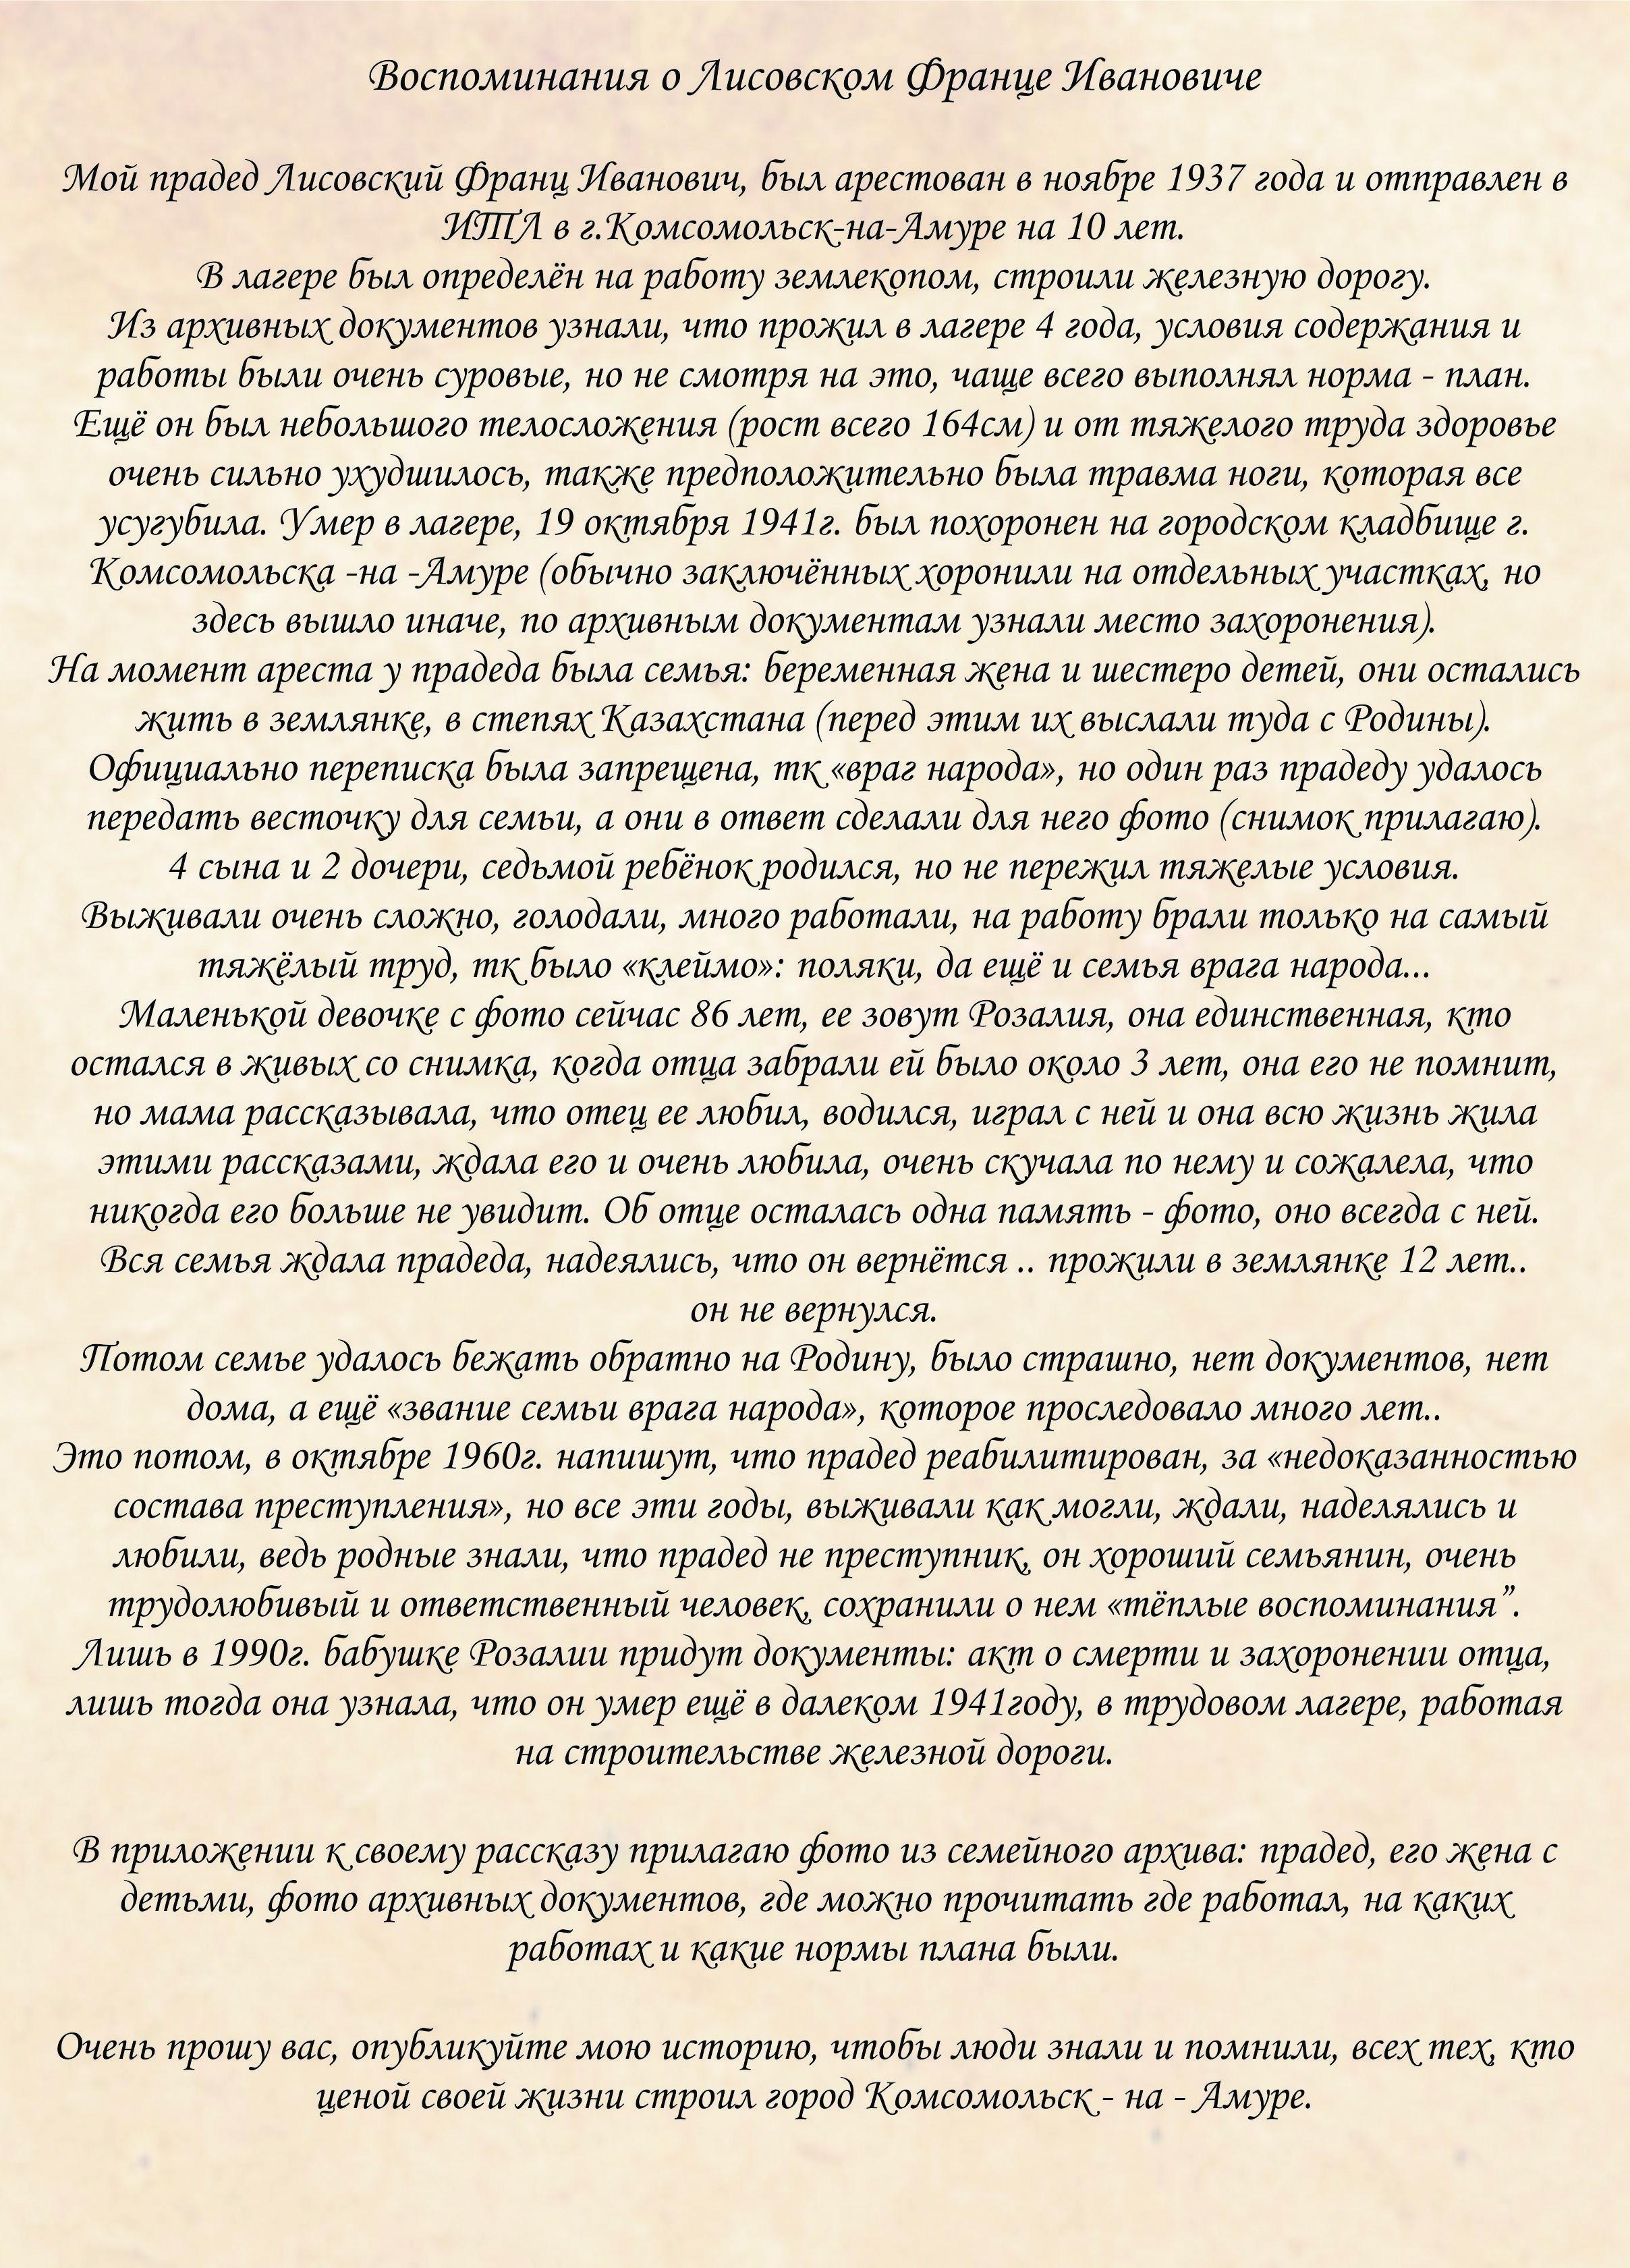 Лисовский Франц Иванович